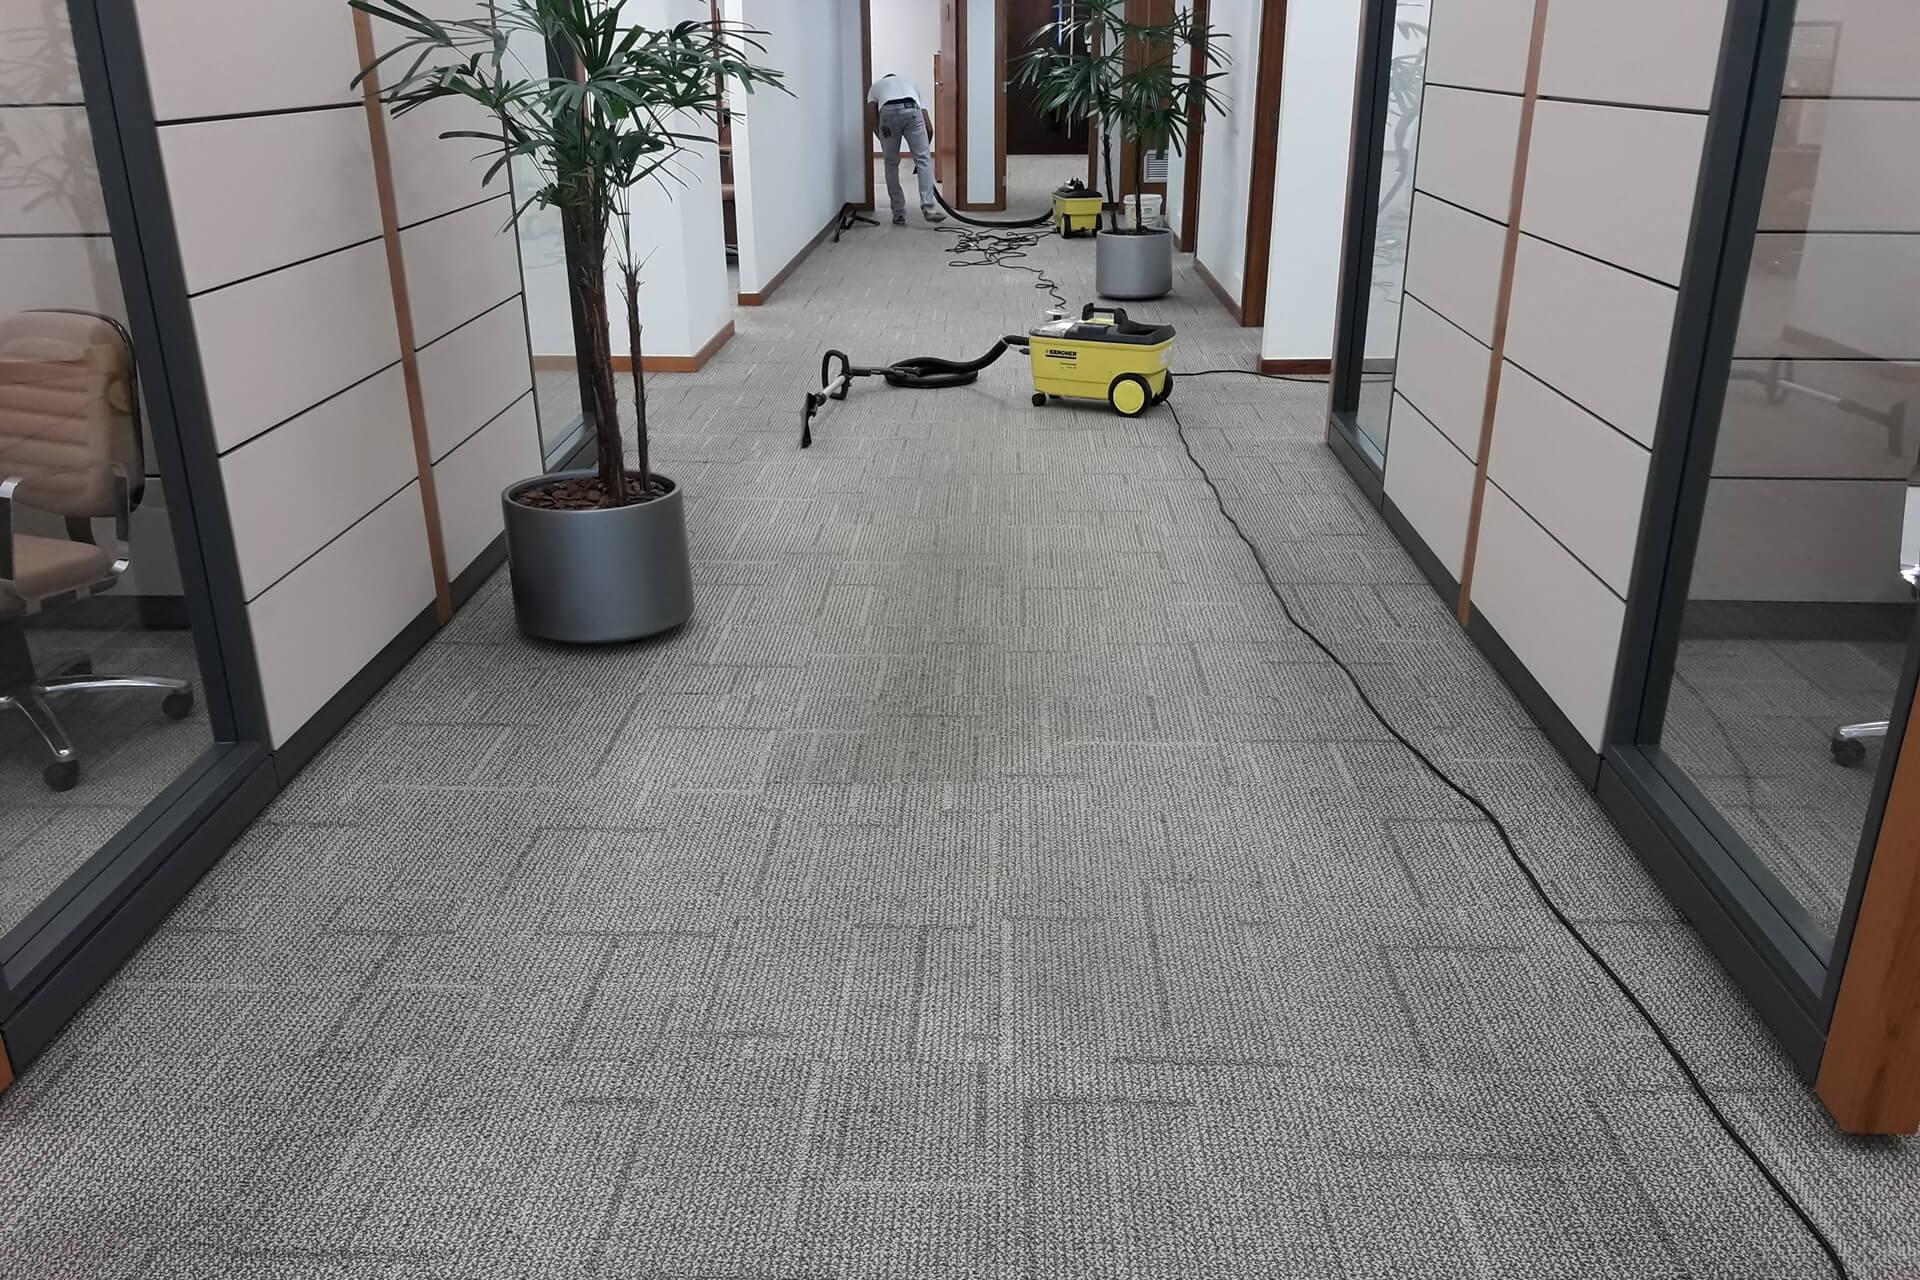 limpeza-de-carpetes_limpeza-de-carpetes-em-curitiba-1